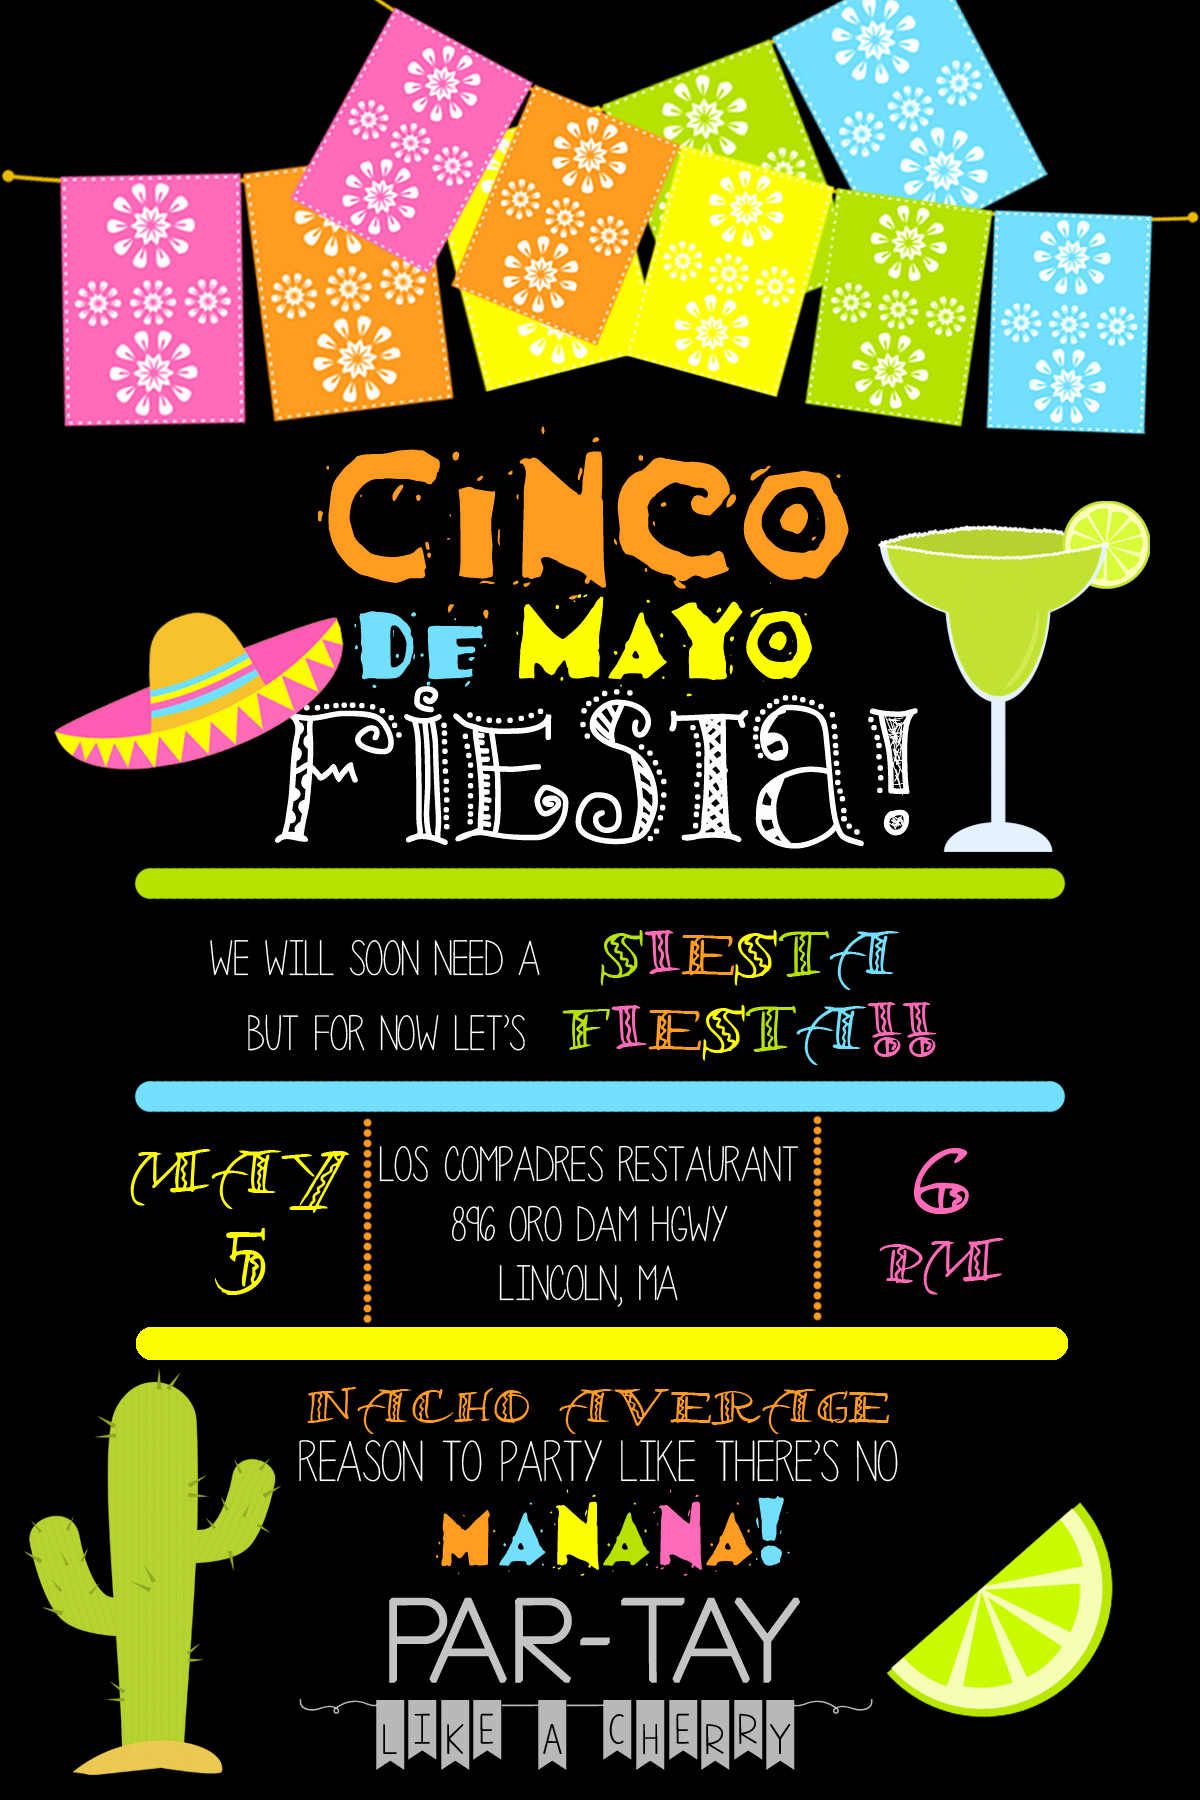 Cinco De Mayo Invitation Template Inspirational Cinco De Mayo Invitation Template Party Like A Cherry